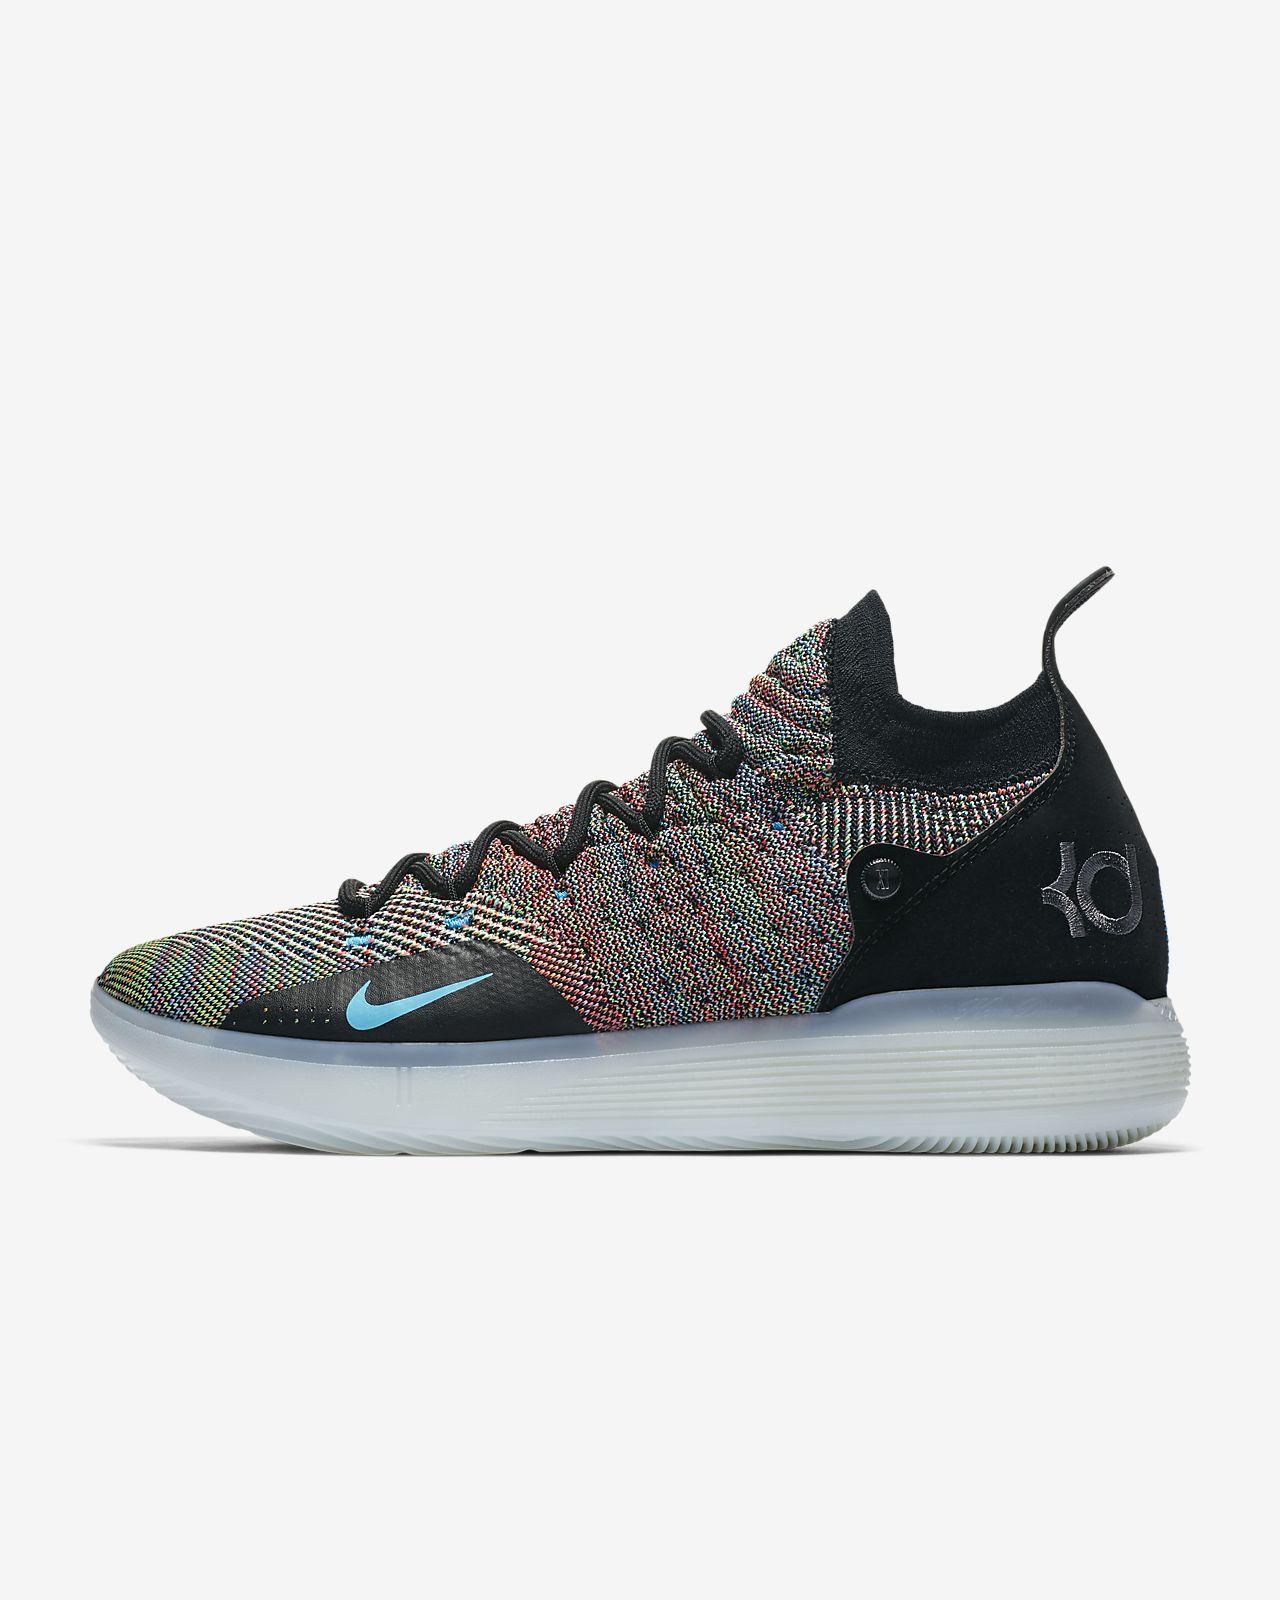 huge discount 2e14c 3ae70 Nike Zoom KD11 Zapatillas de baloncesto